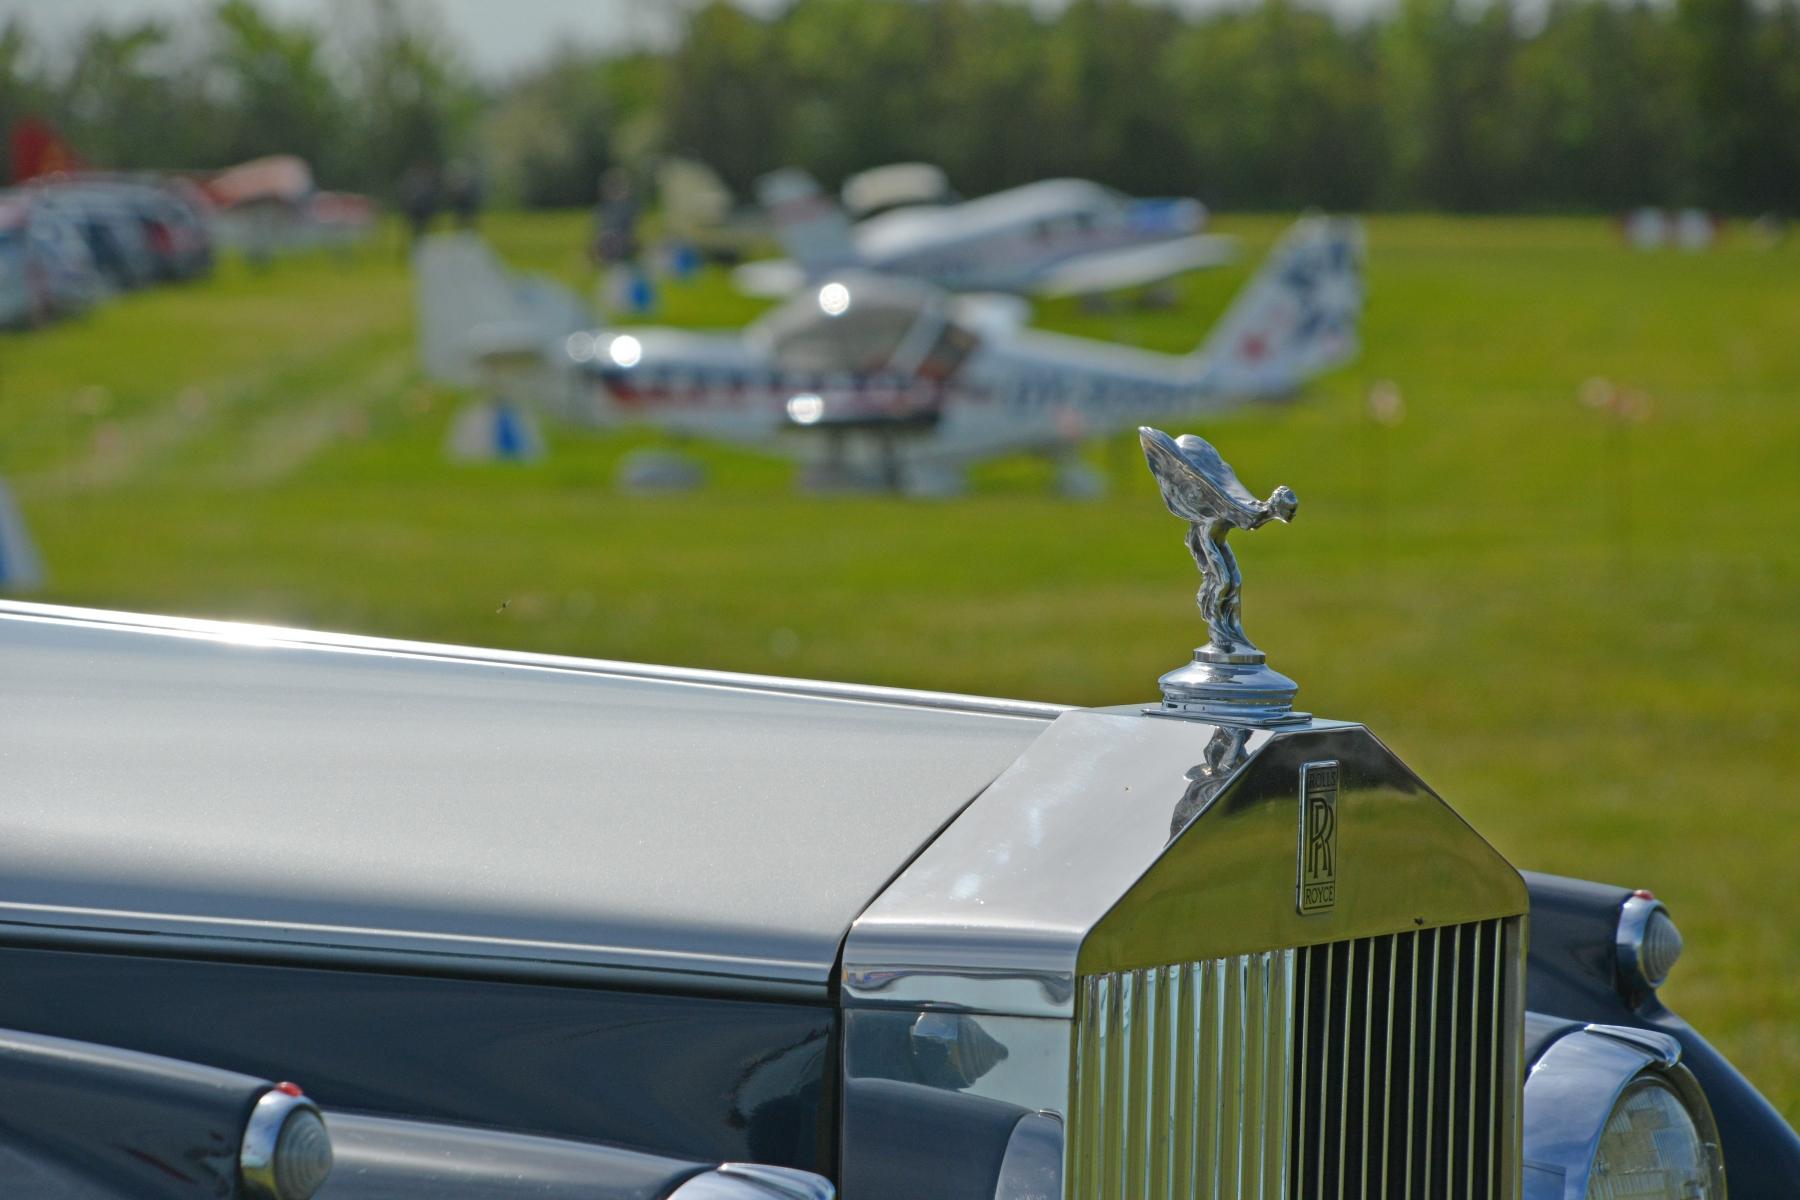 Biler og fly - meget at se på